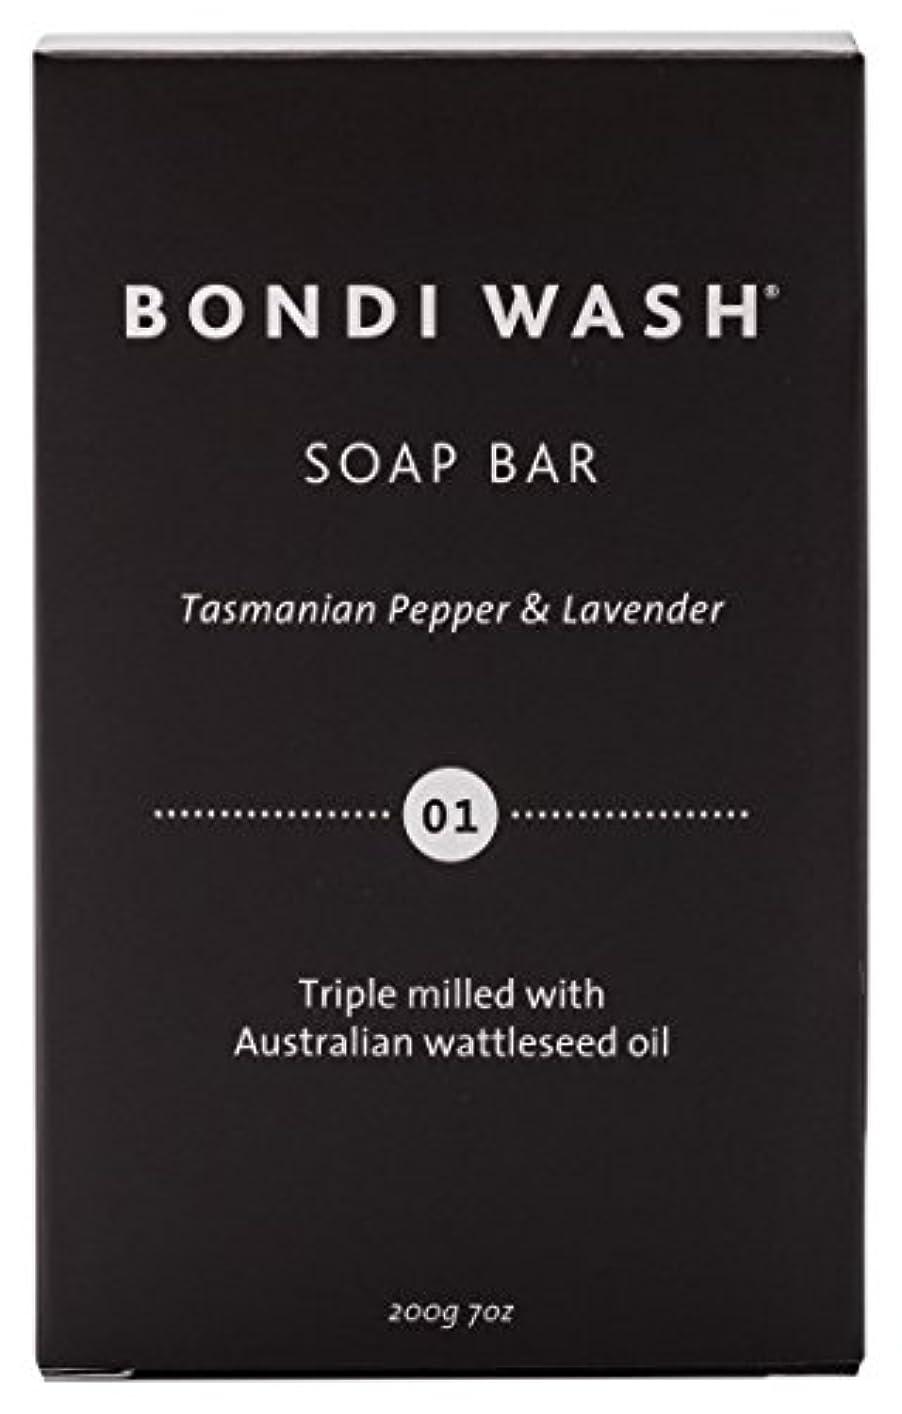 信頼できる失業者器具BONDI WASH ソープバー(固形石鹸) タスマニアンペッパー&ラベンダー 200g